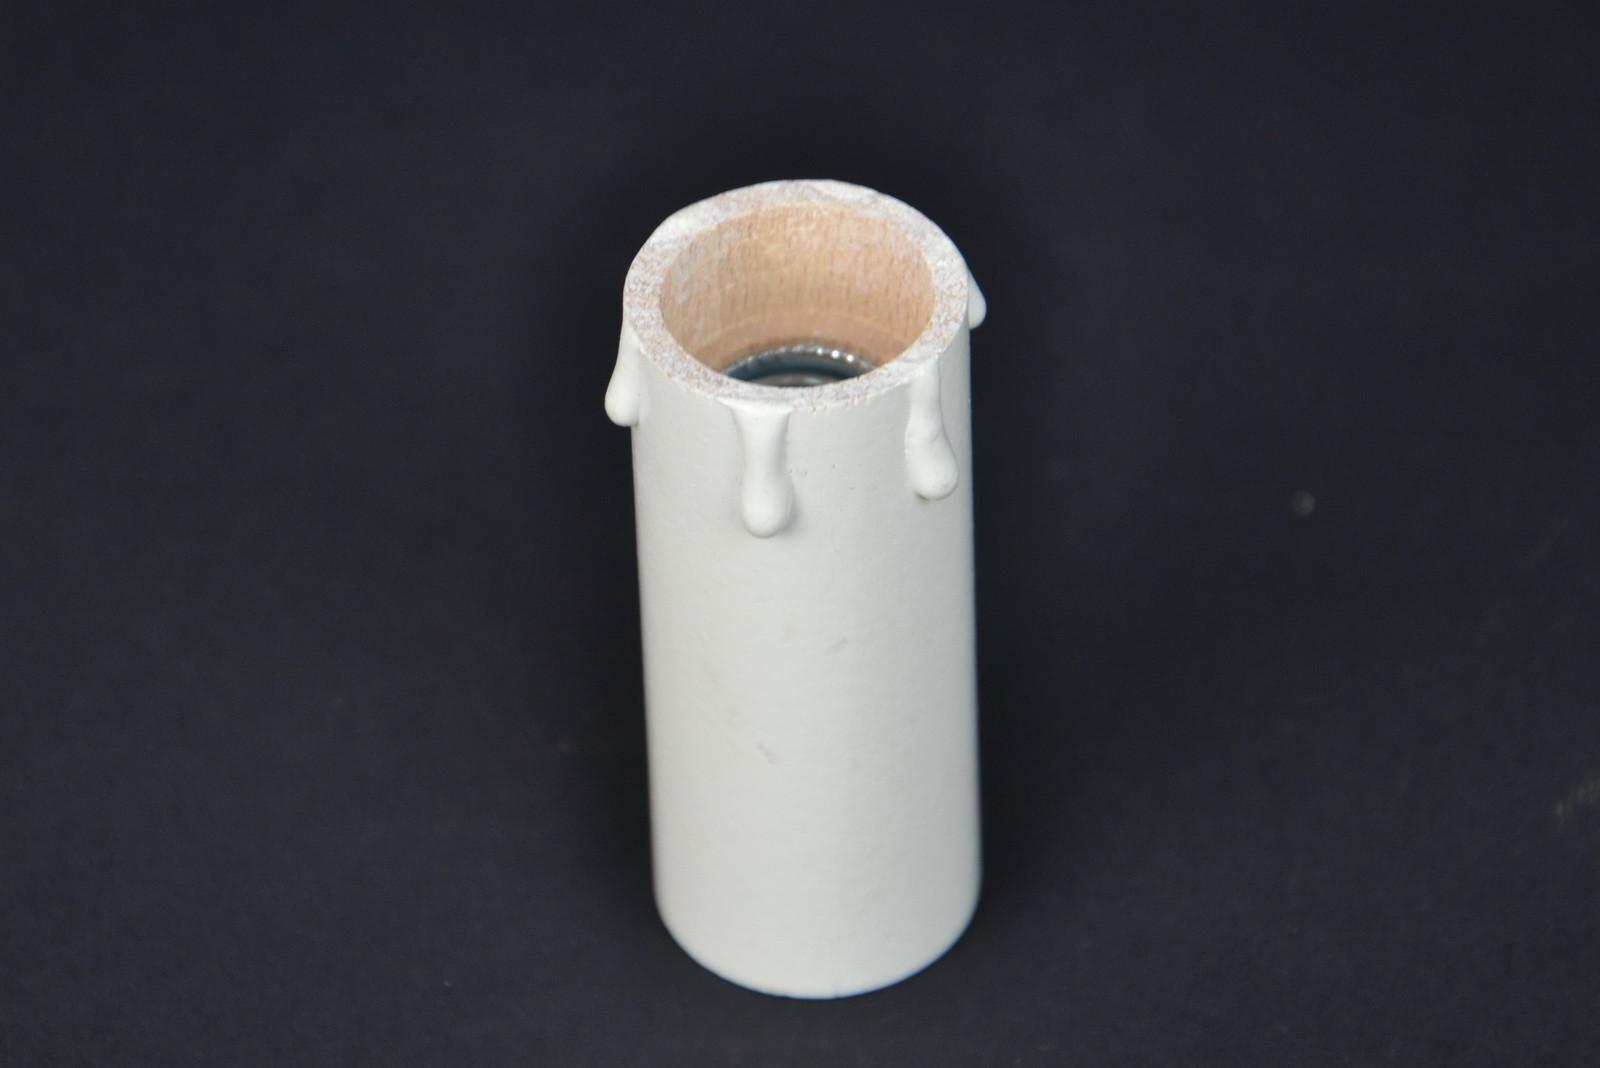 portalampade-in-legno-finta-candela-e14-bianco-6-cm-3,1852.jpg?WebbinsCacheCounter=1